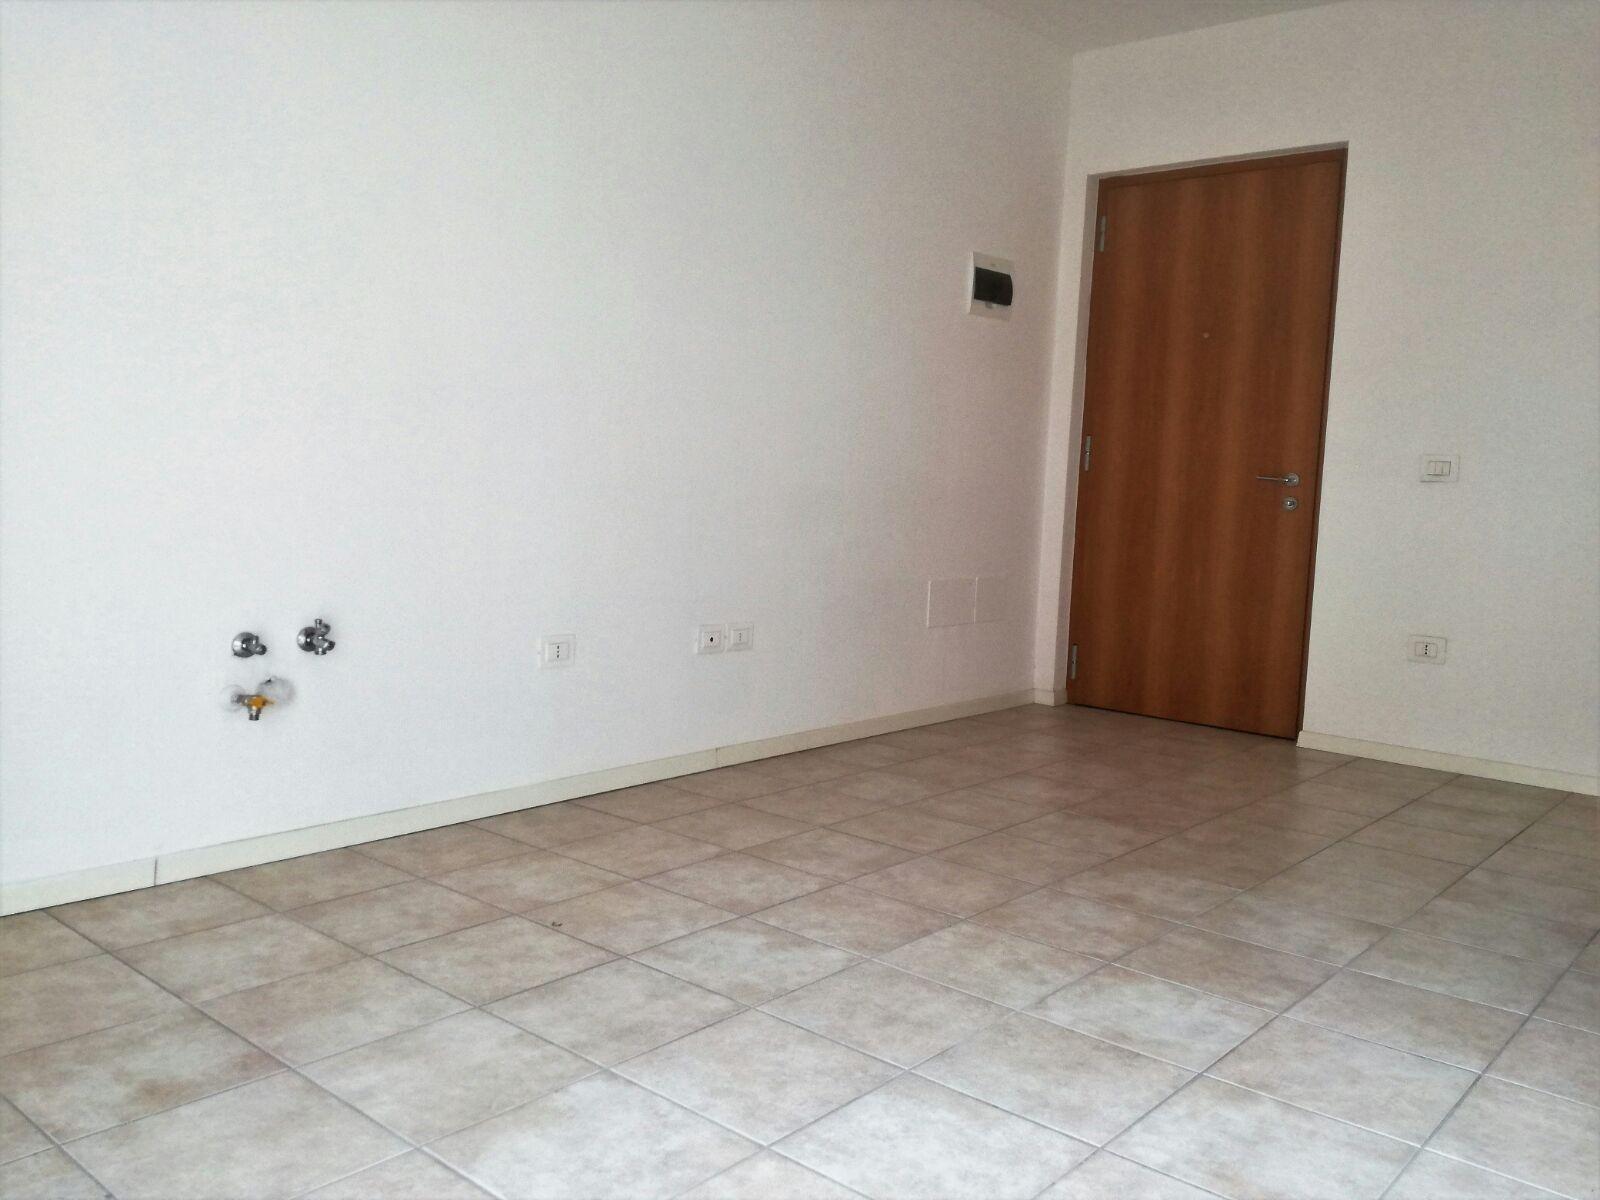 Appartamento in vendita a trento cod sdani37 - Posto letto trento ...